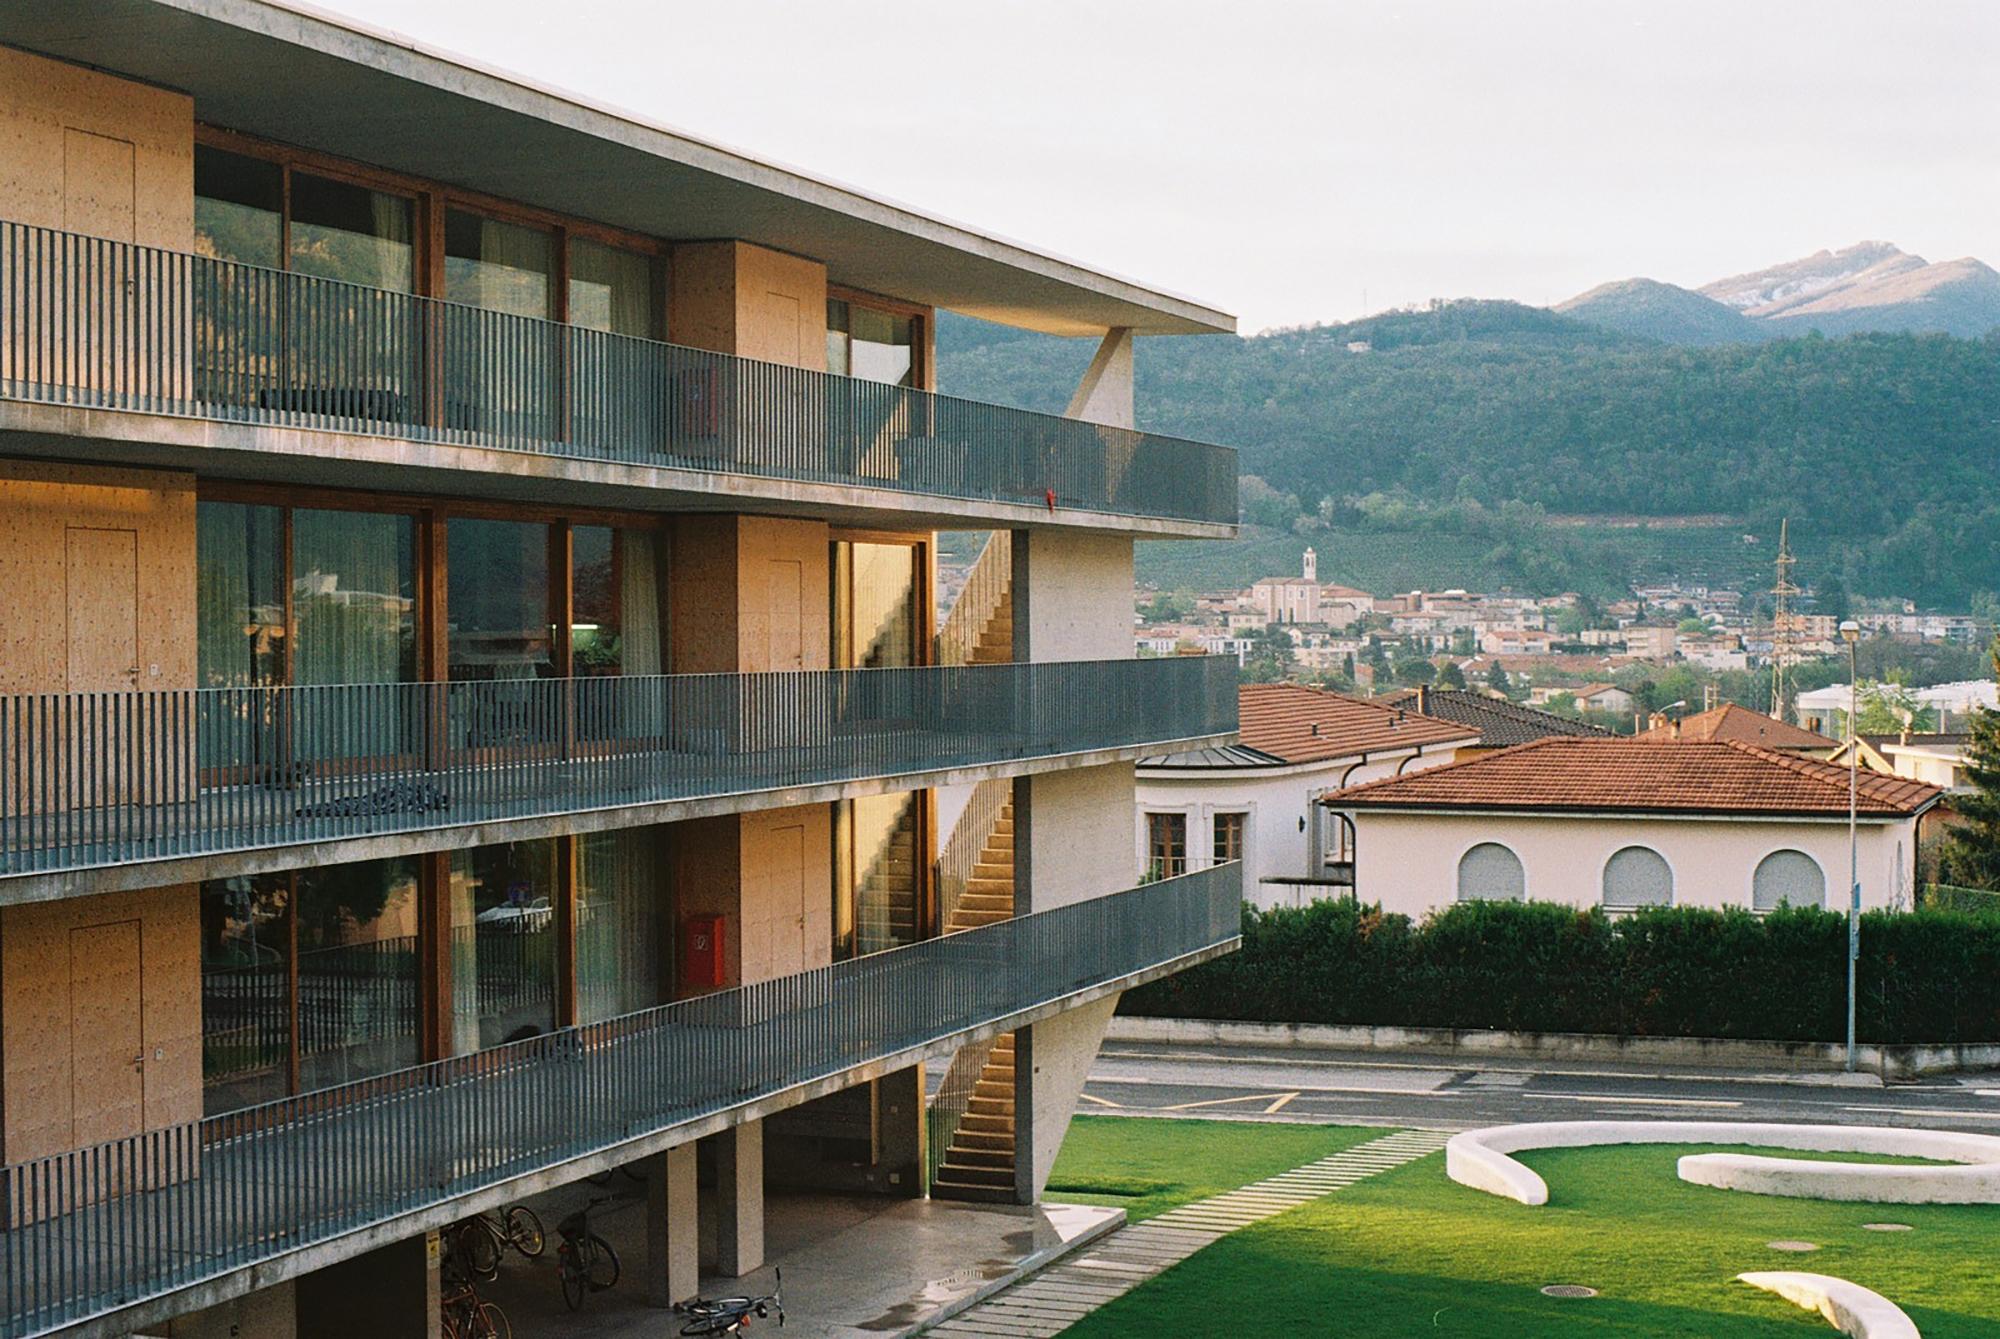 Casa dell'Accademia